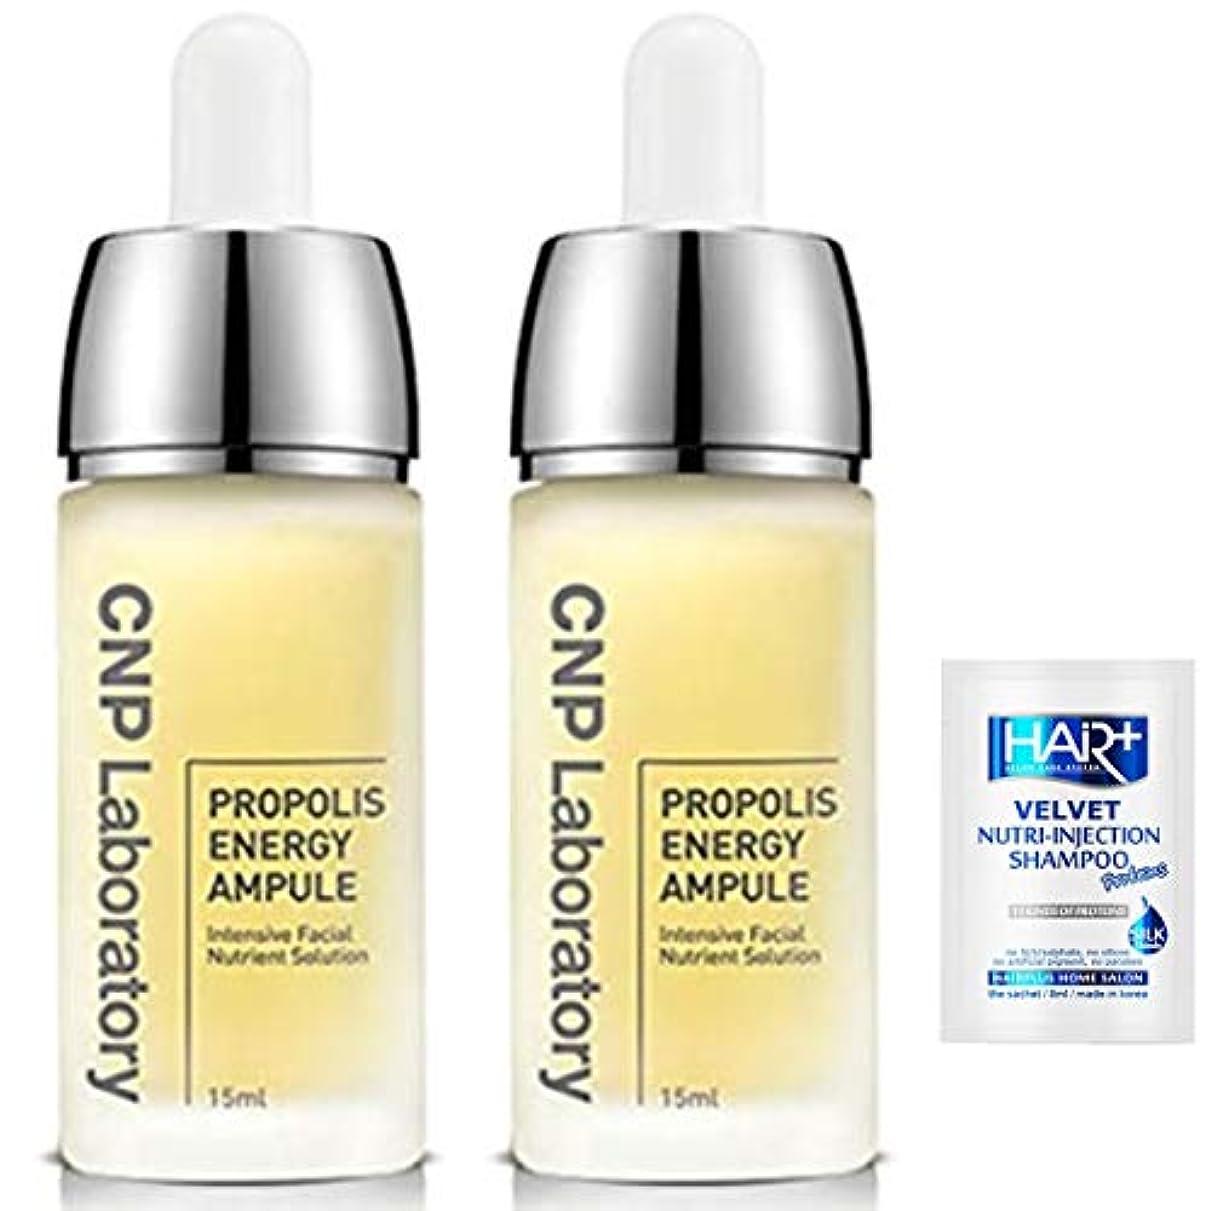 かみそり混沌観察【CNP Laboratory】プロポリス エネルギーアンプル 15ml X 2EA+HairPlus NonSilicon Shampoo 8ml